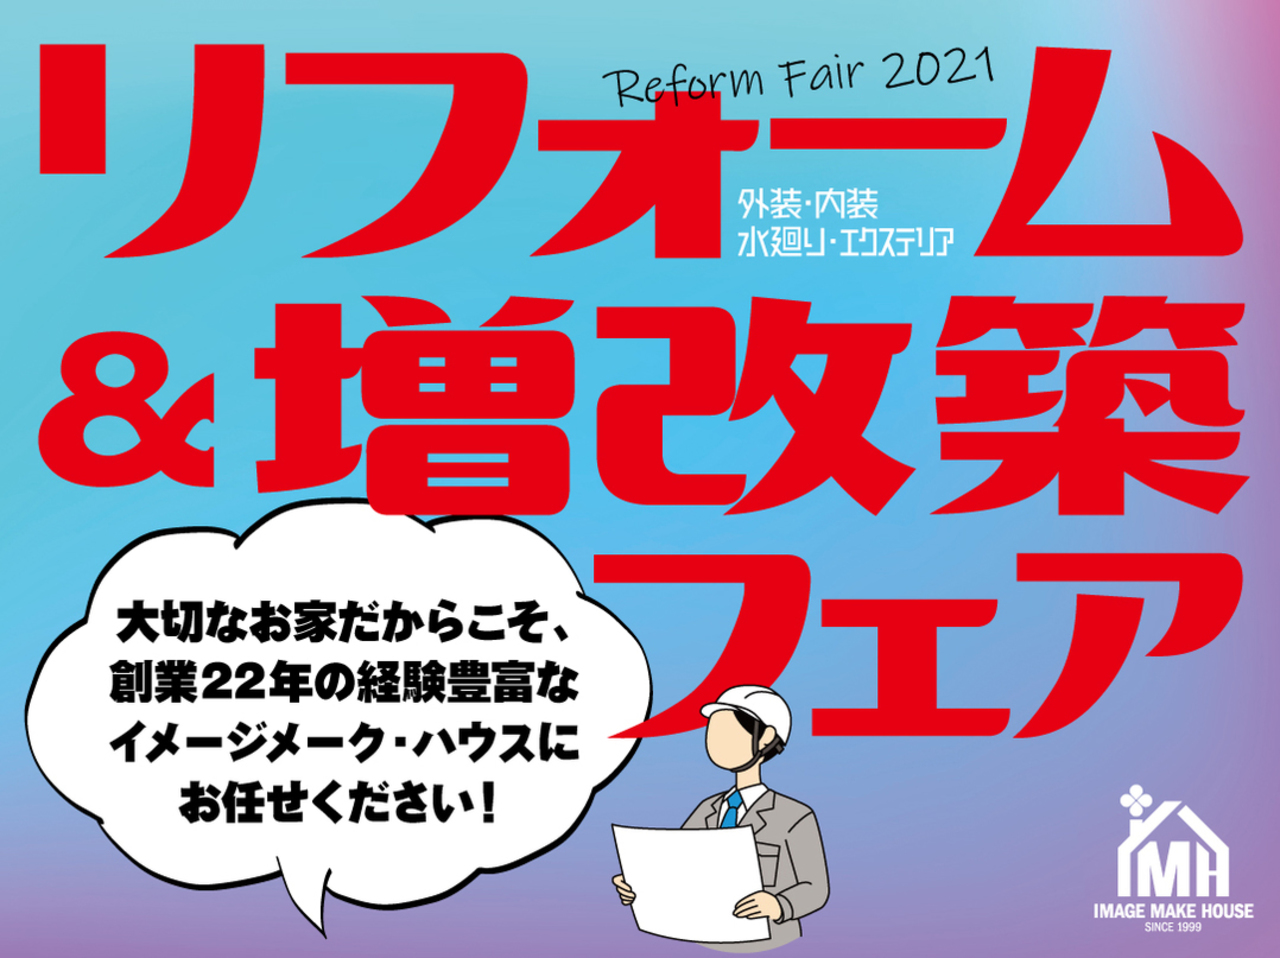 本日よりリフォーム&増改築フェアを開催!